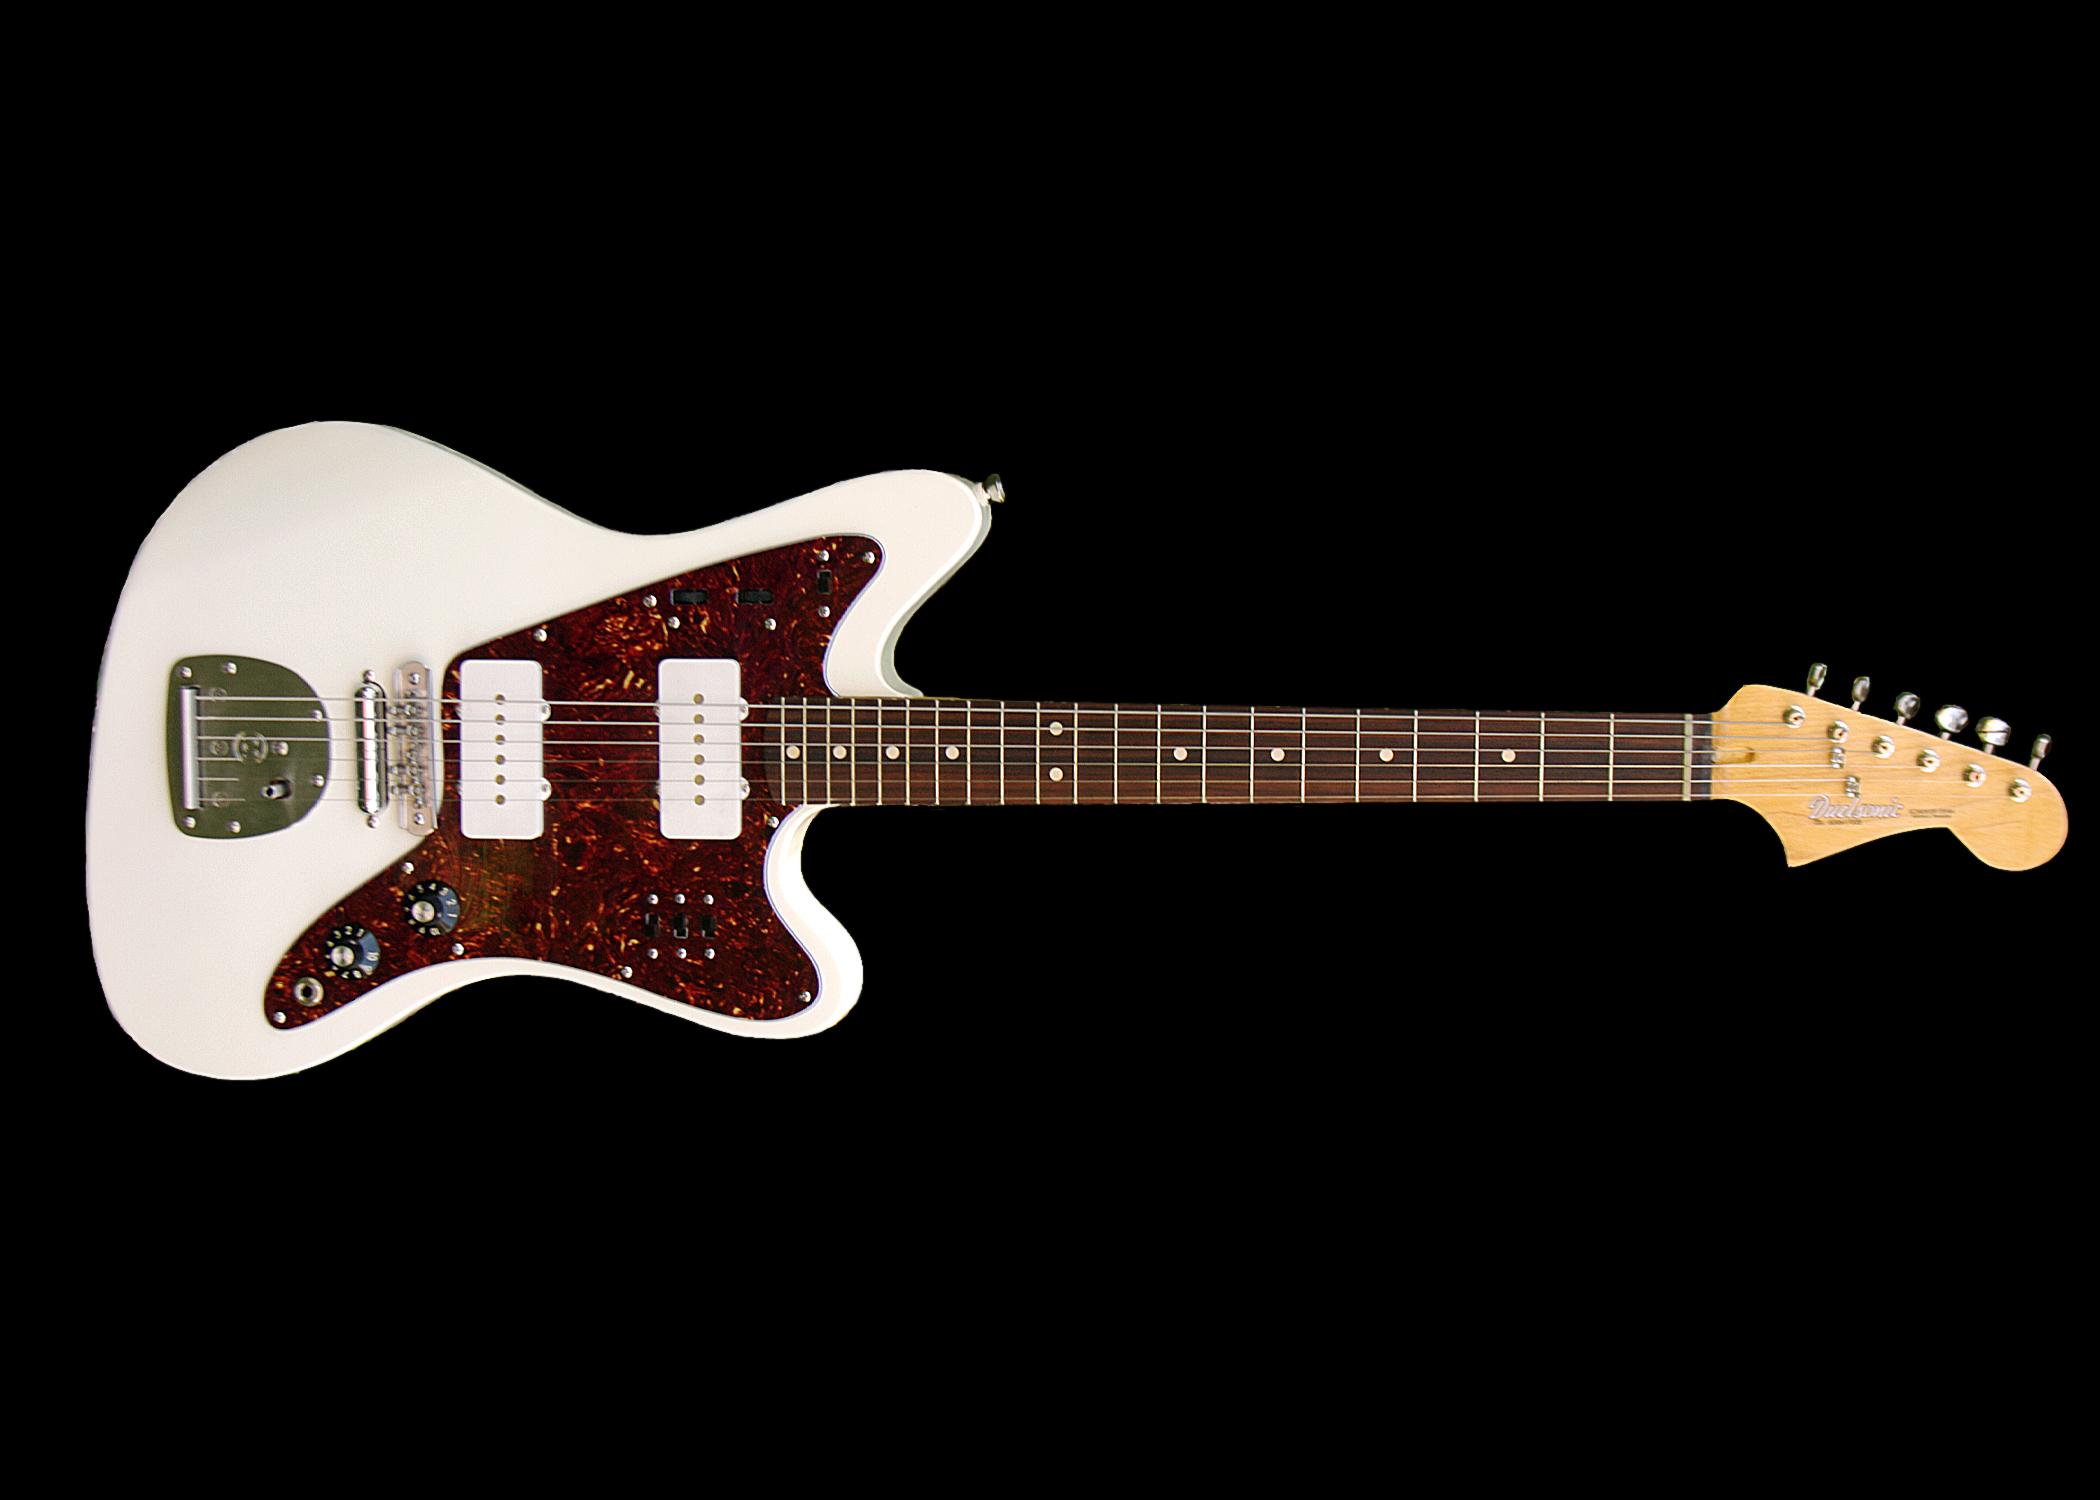 guitare electrique utilisation